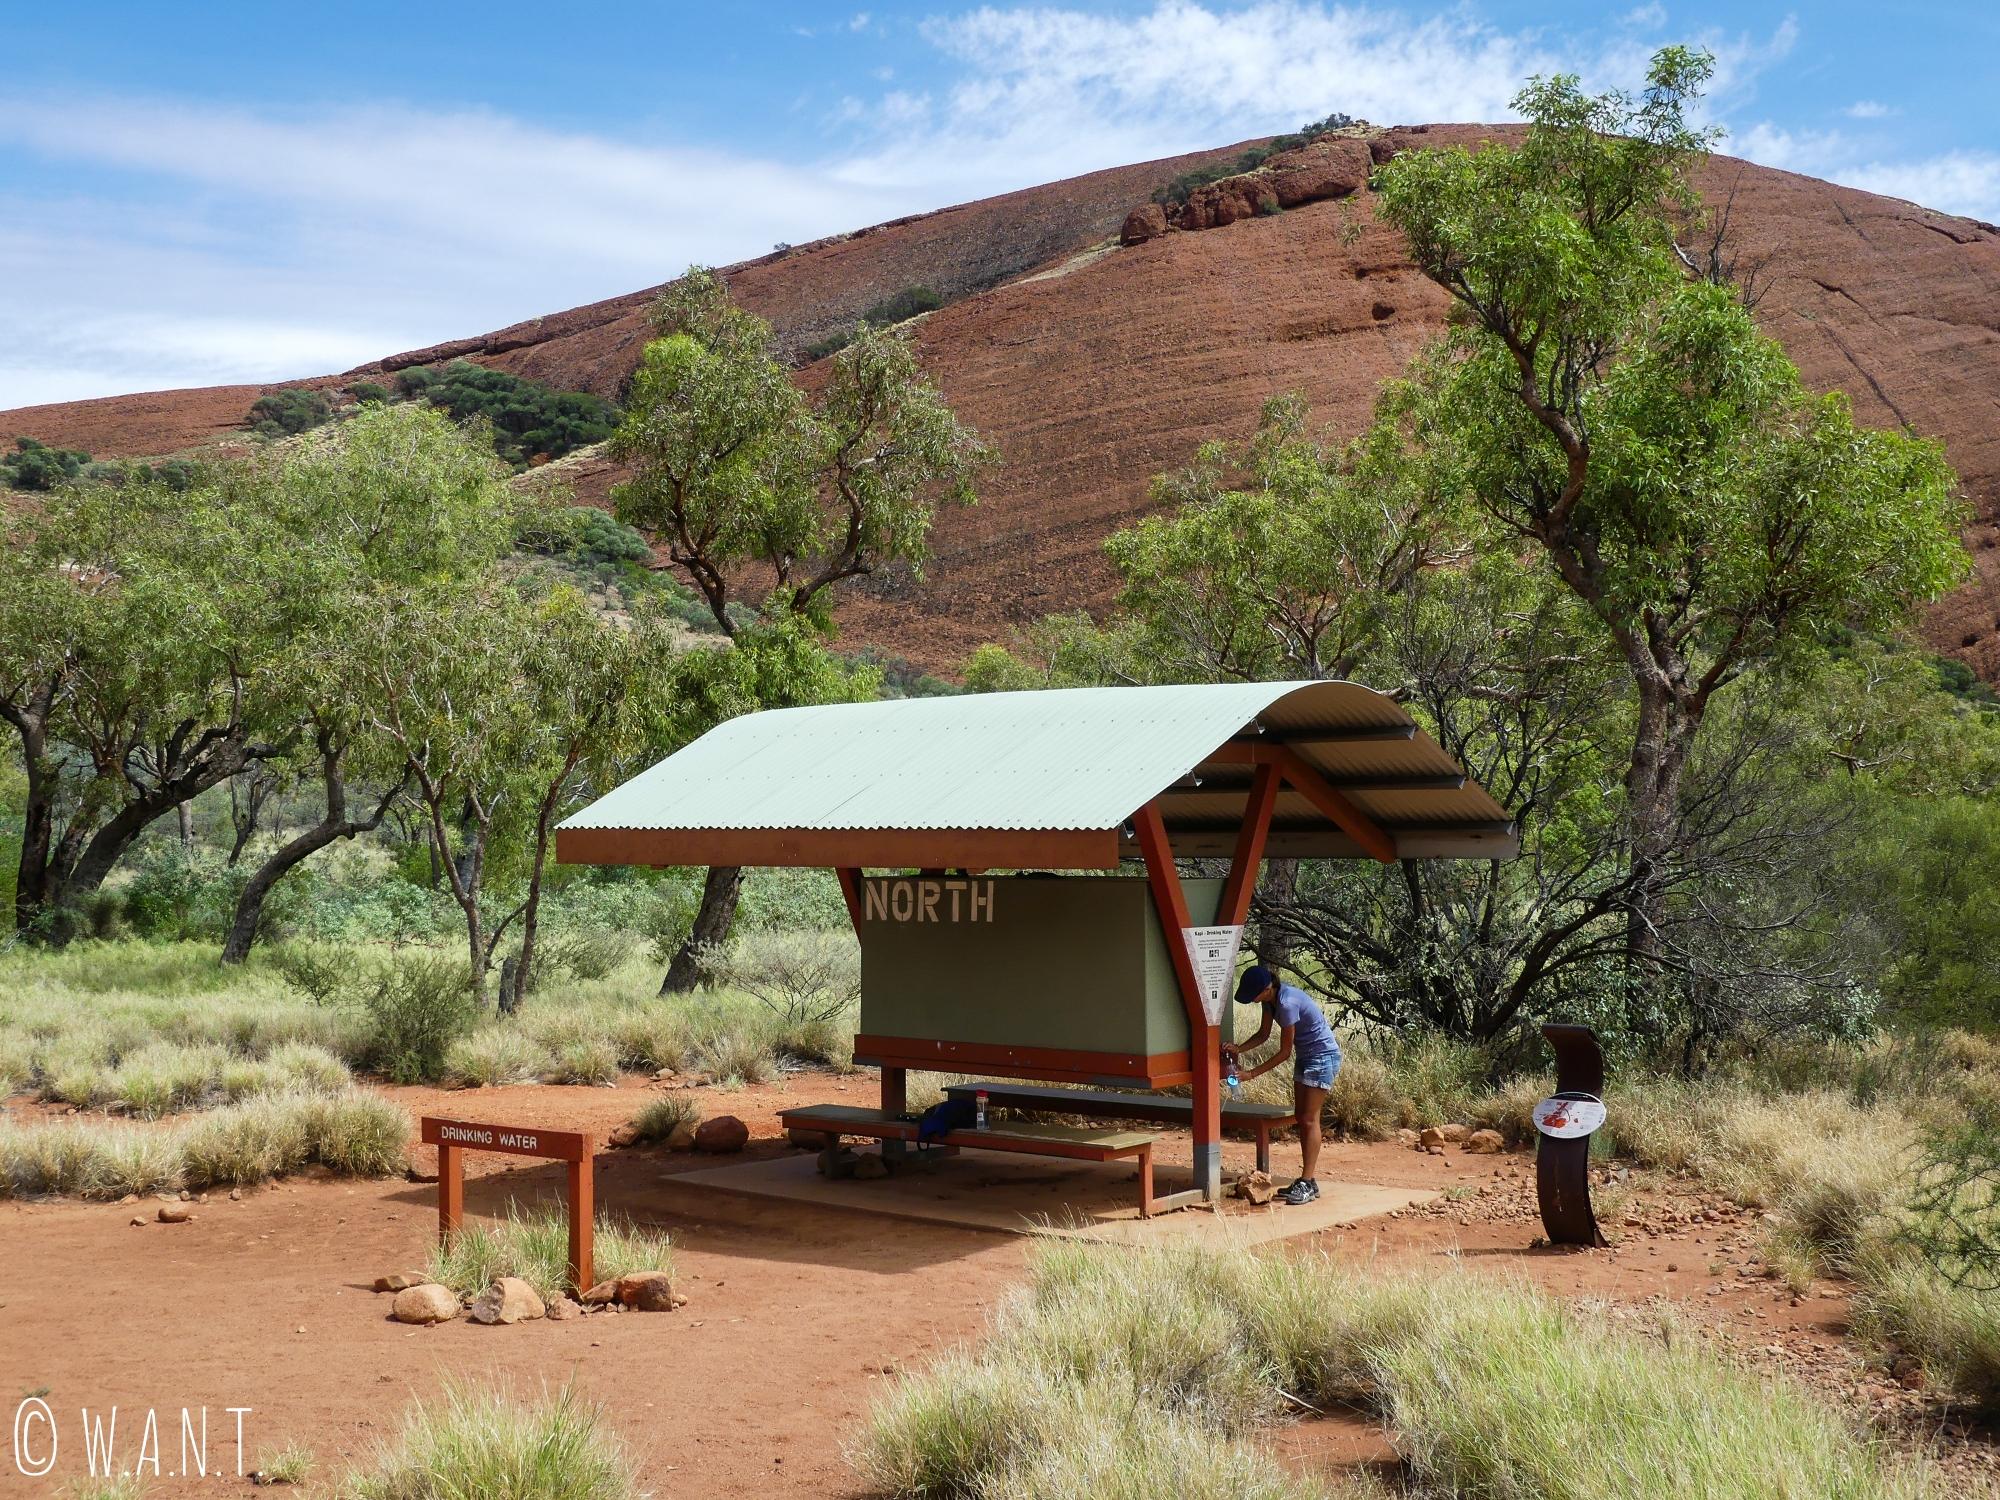 Point d'eau disponible sur la randonnée Valley of the Winds Walk du parc national Uluru-Kata Tjuta